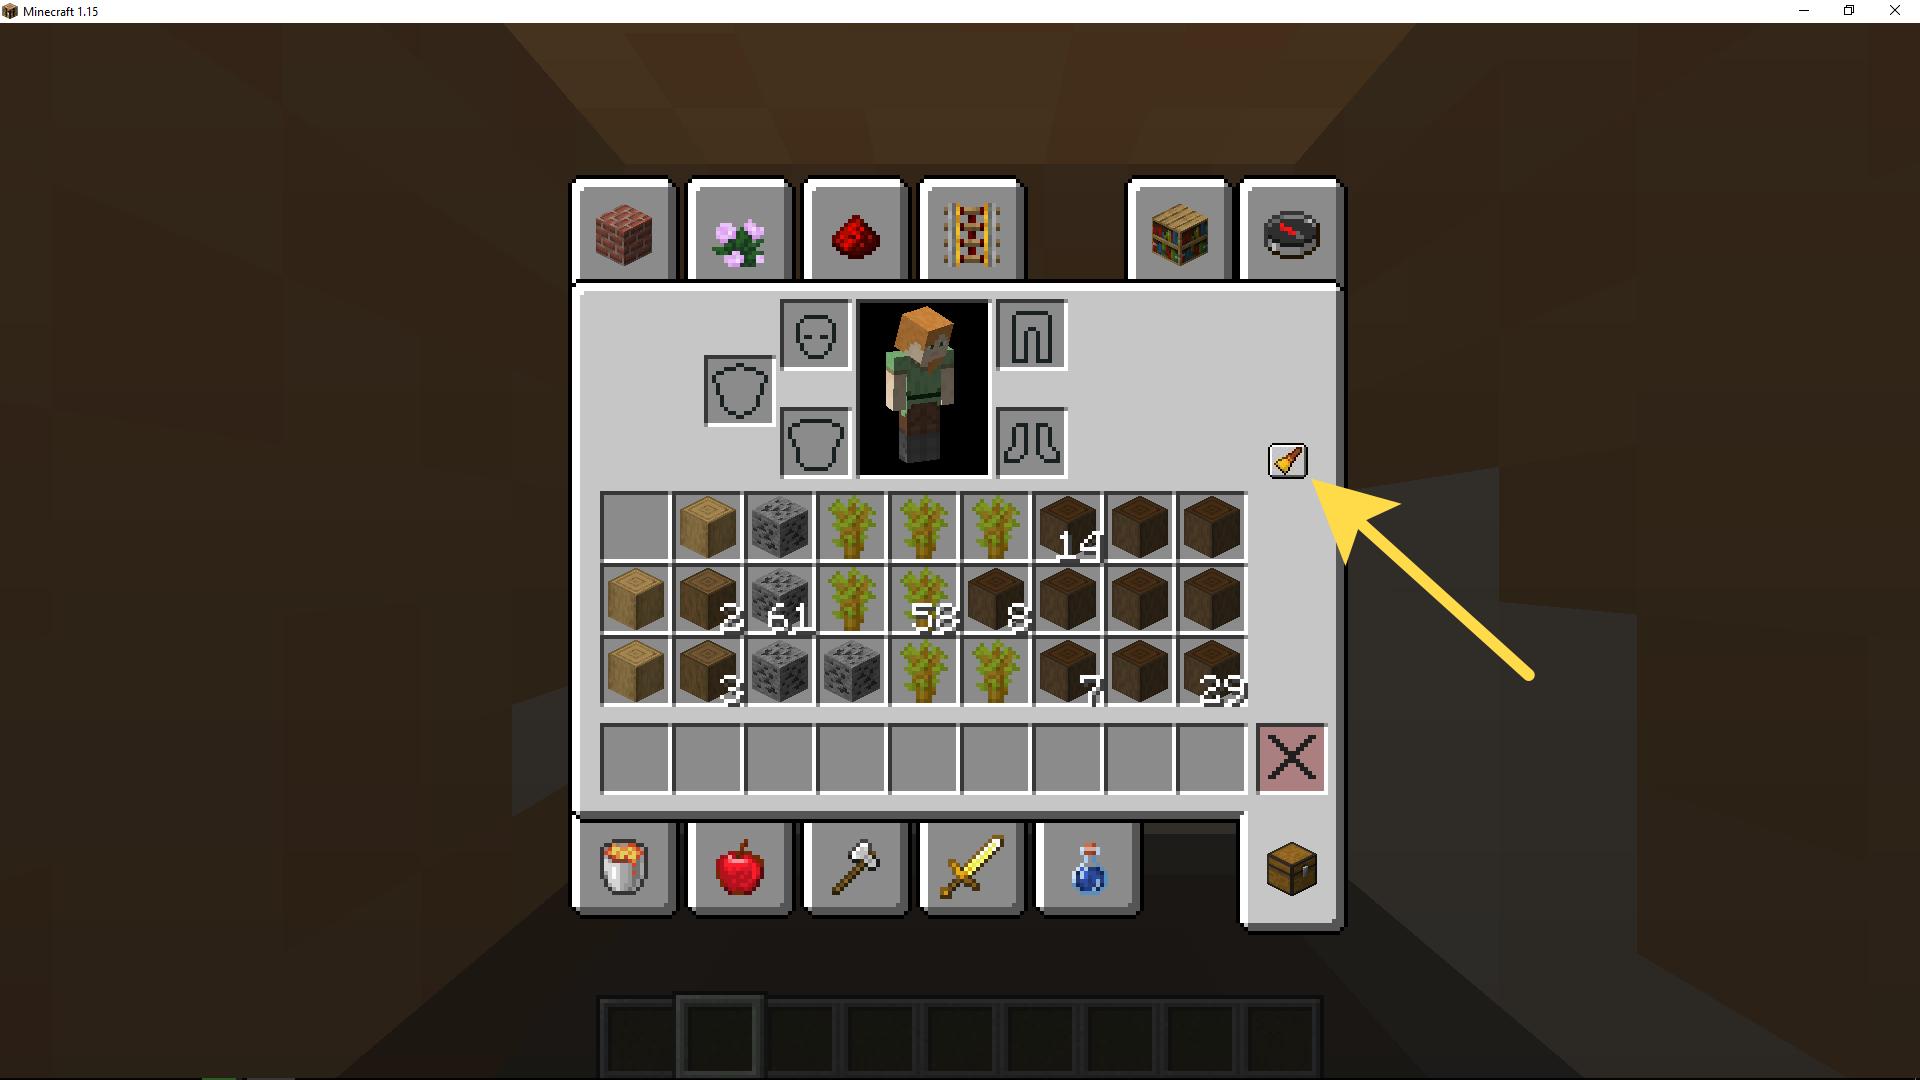 Кнопка для сортировки инвентаря